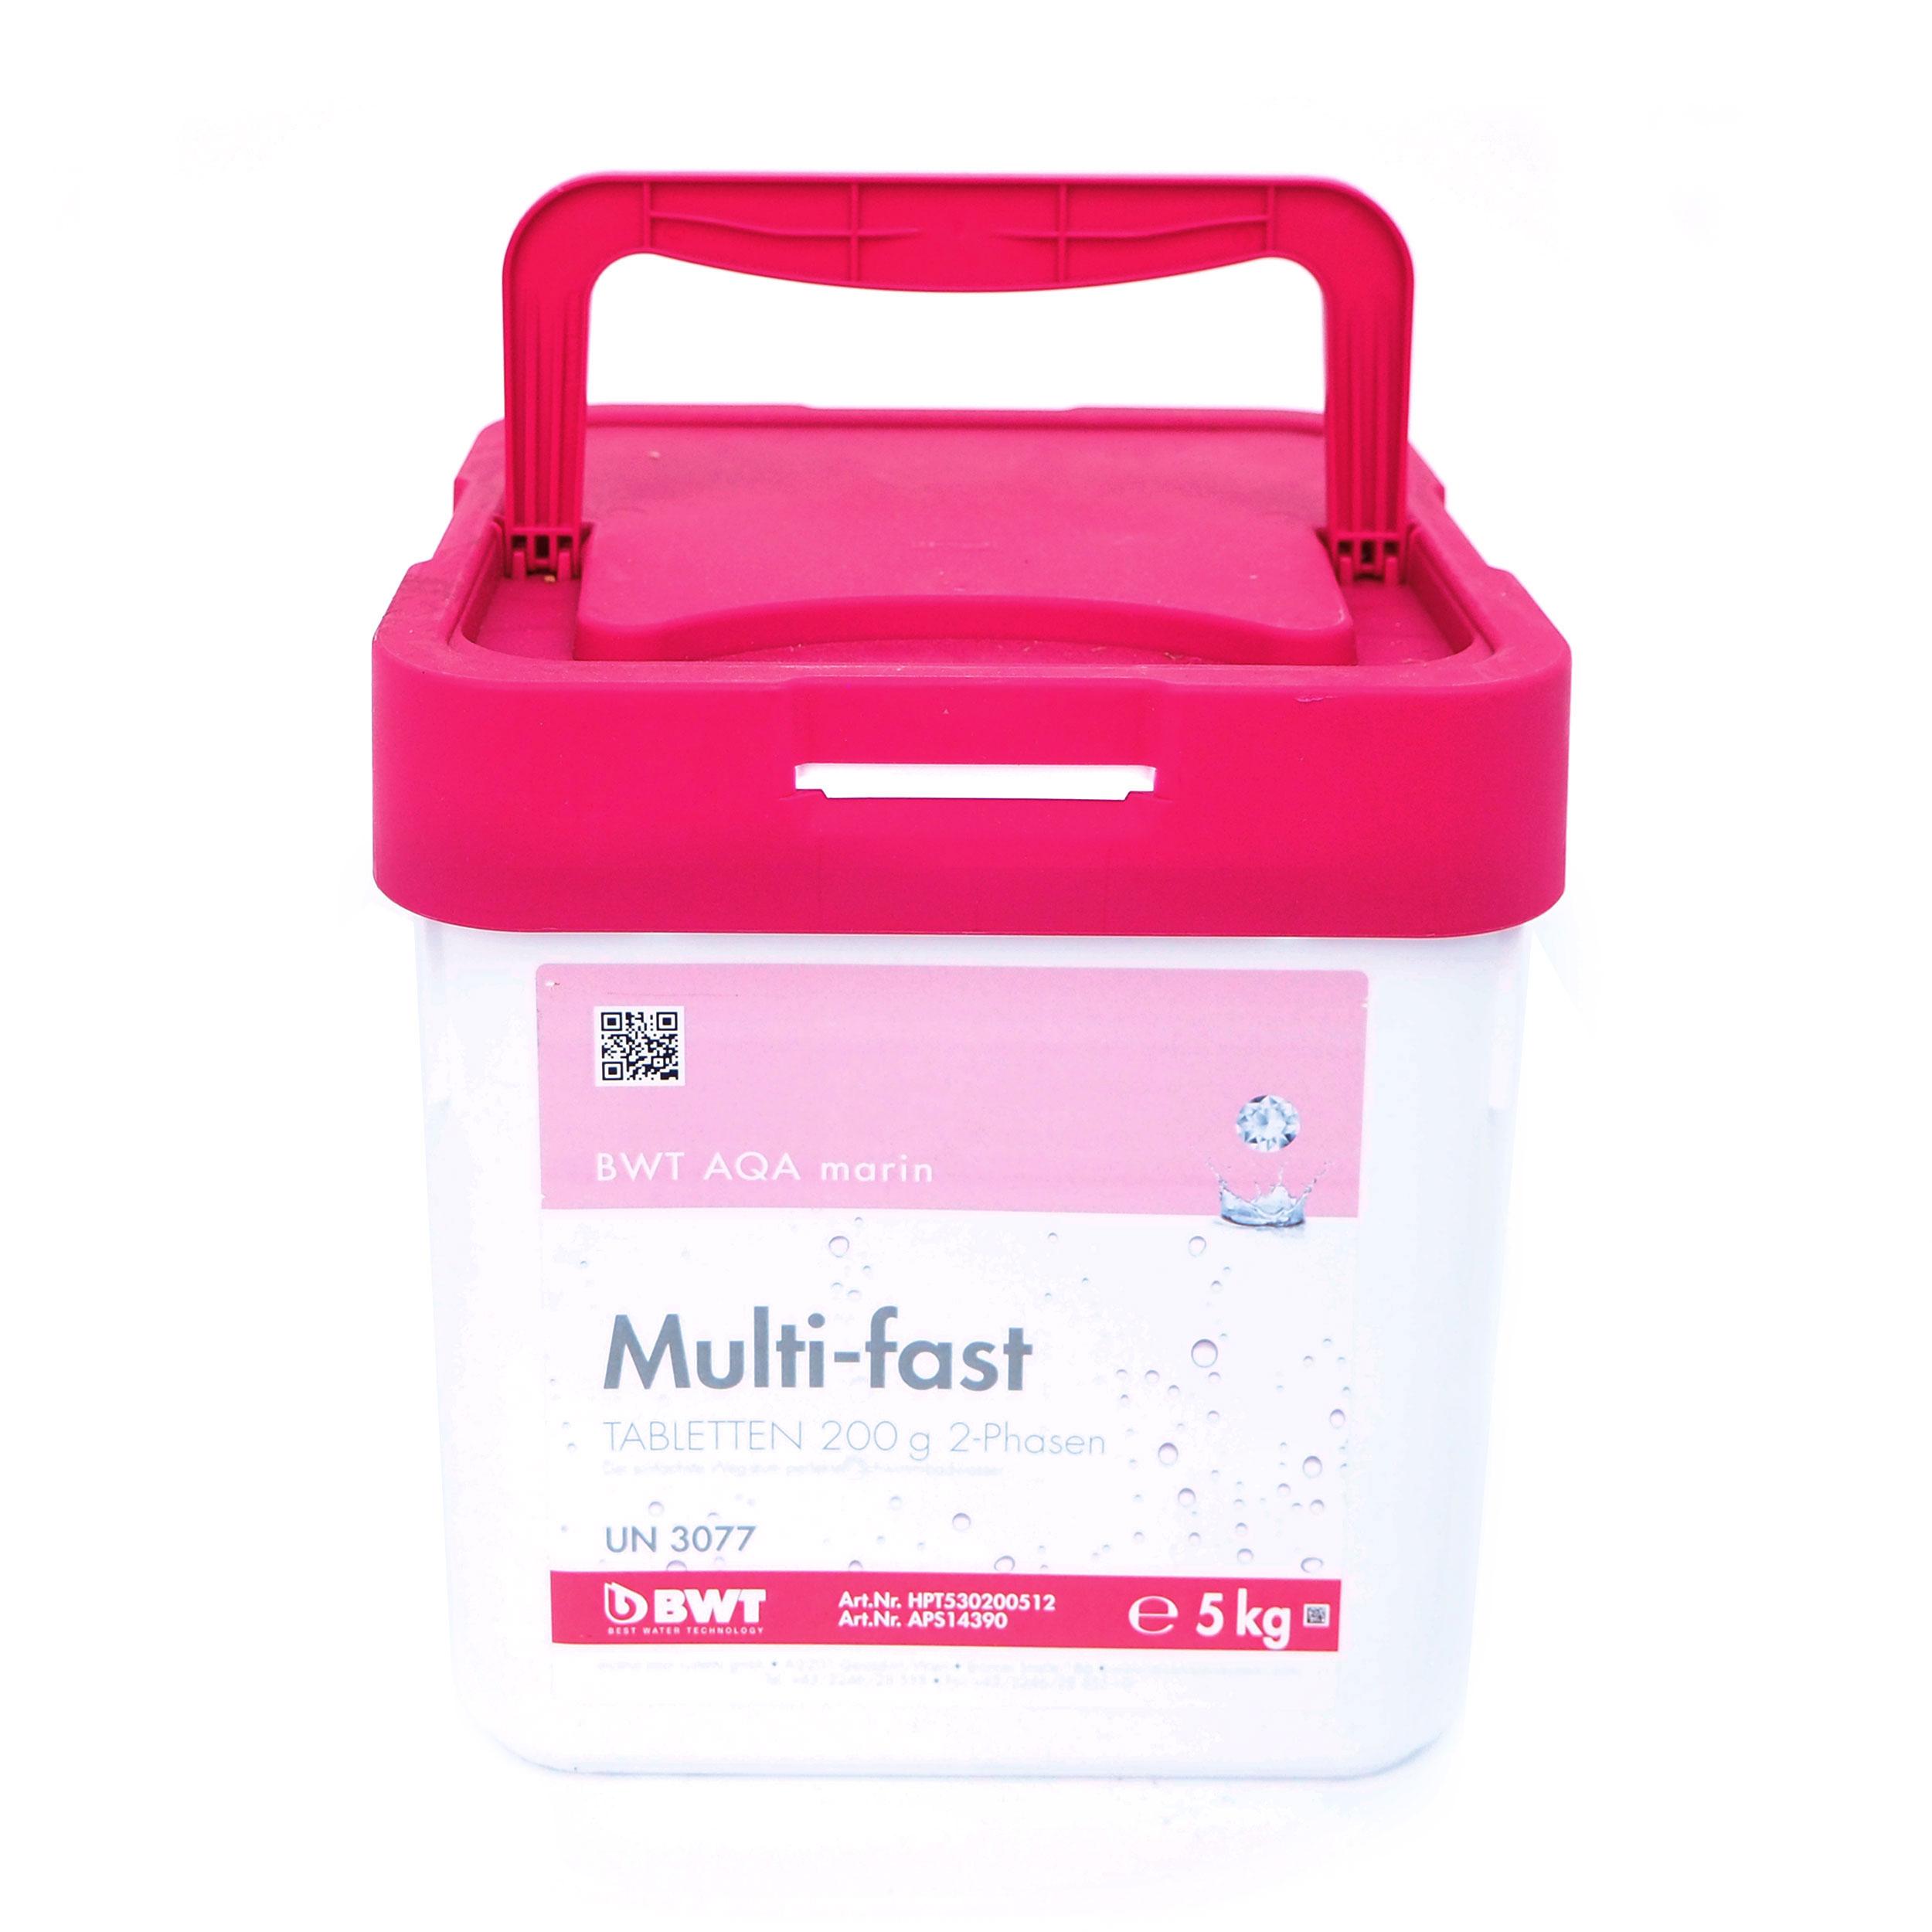 Multi-fast 2-Phasen 200g 5kg